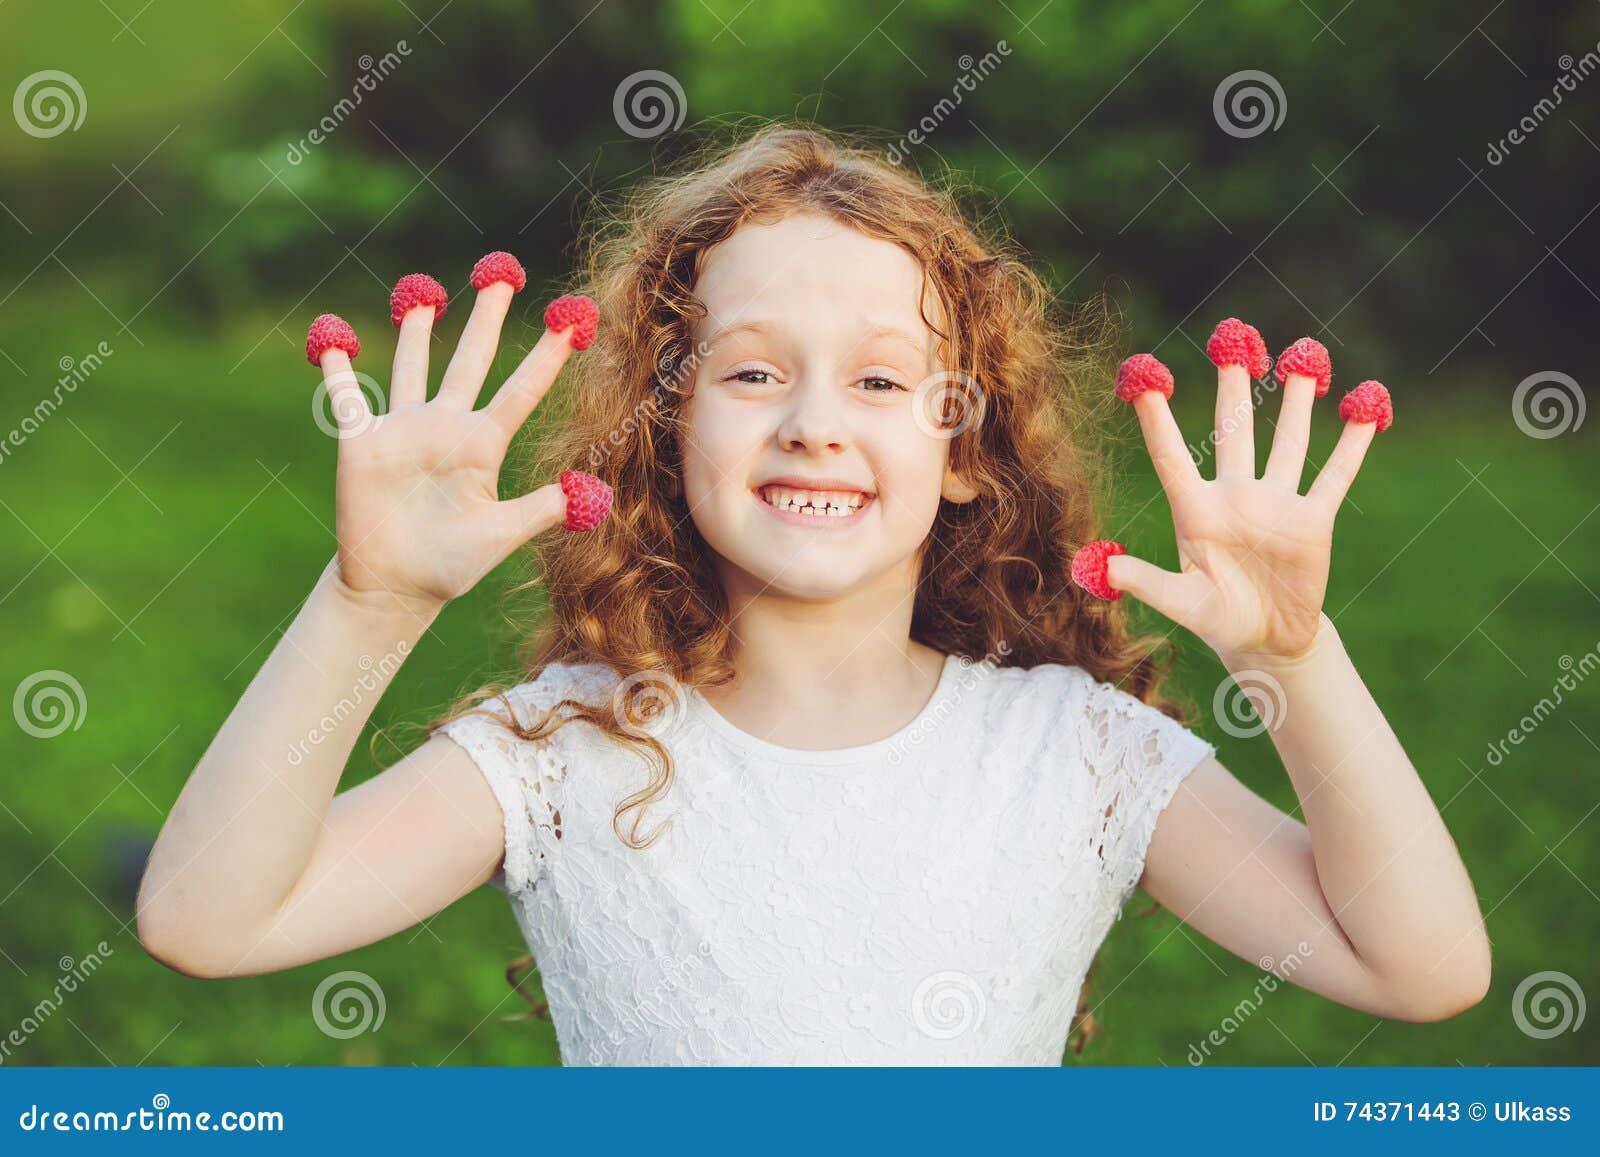 Madchen beim fingern